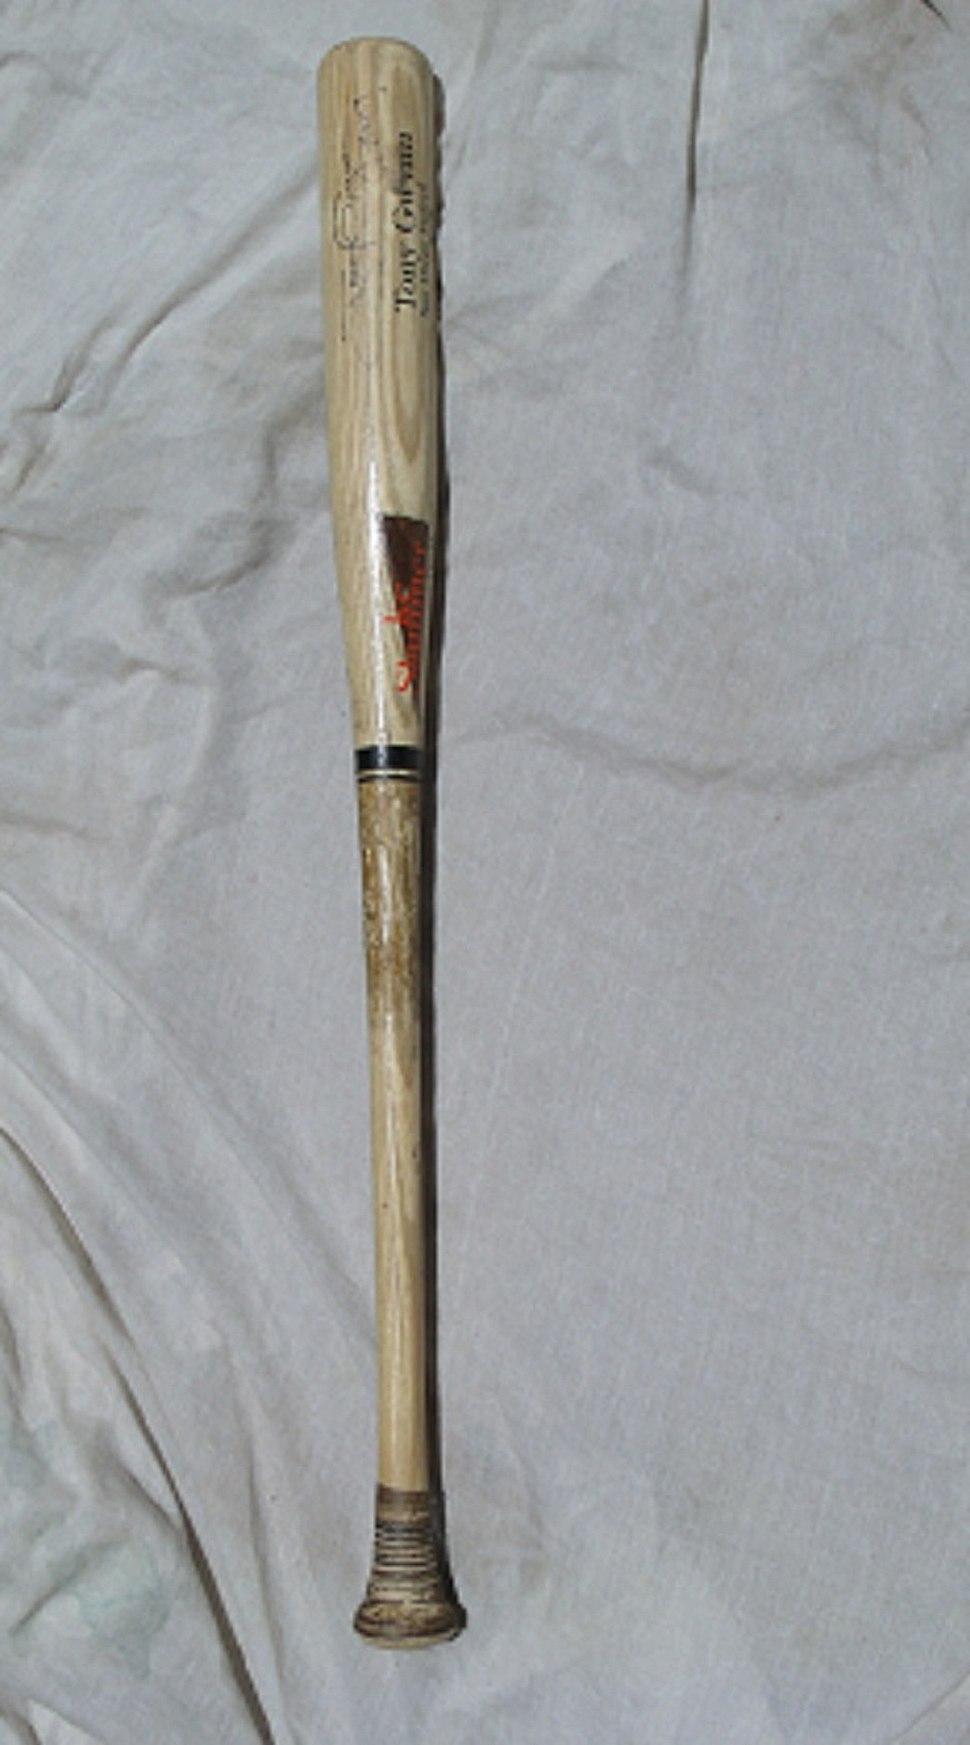 Tony Gwynn's Bat-1